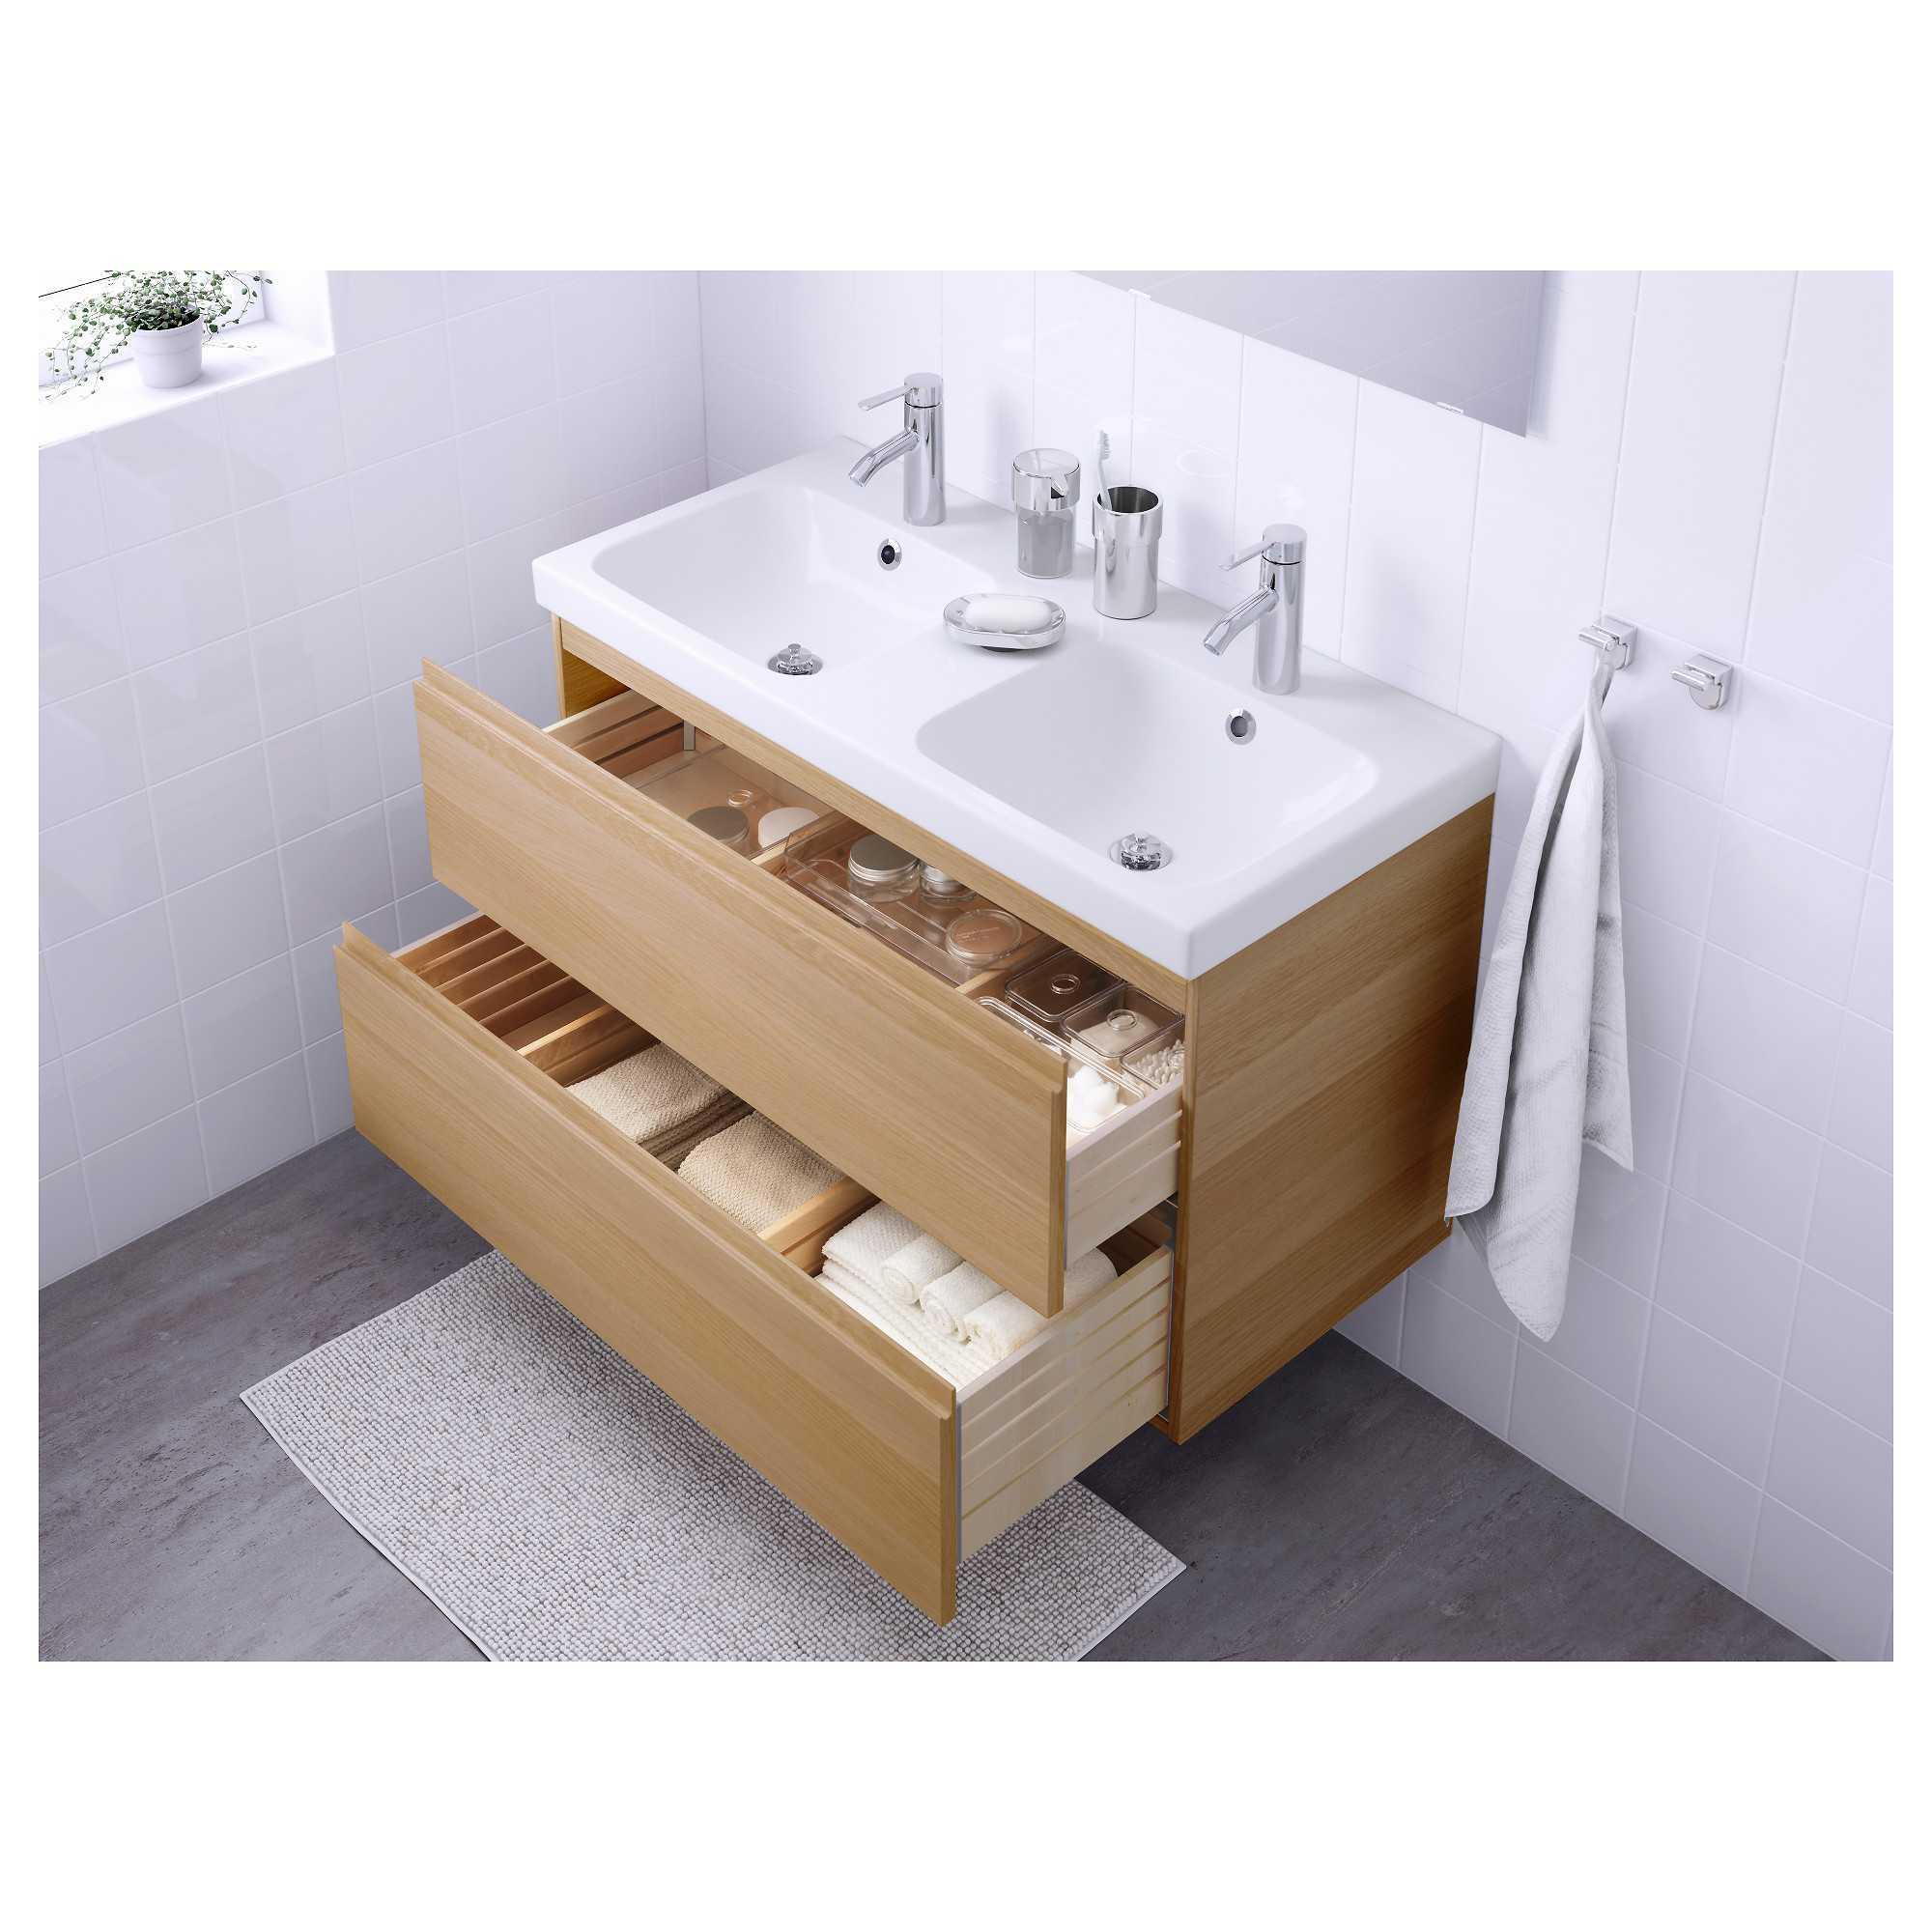 Lavabo Double Vasque Ikea Inspirant Photographie Meuble Pour Vasque 17 De Salle Bain Sans Nouvelles Idees A Poser